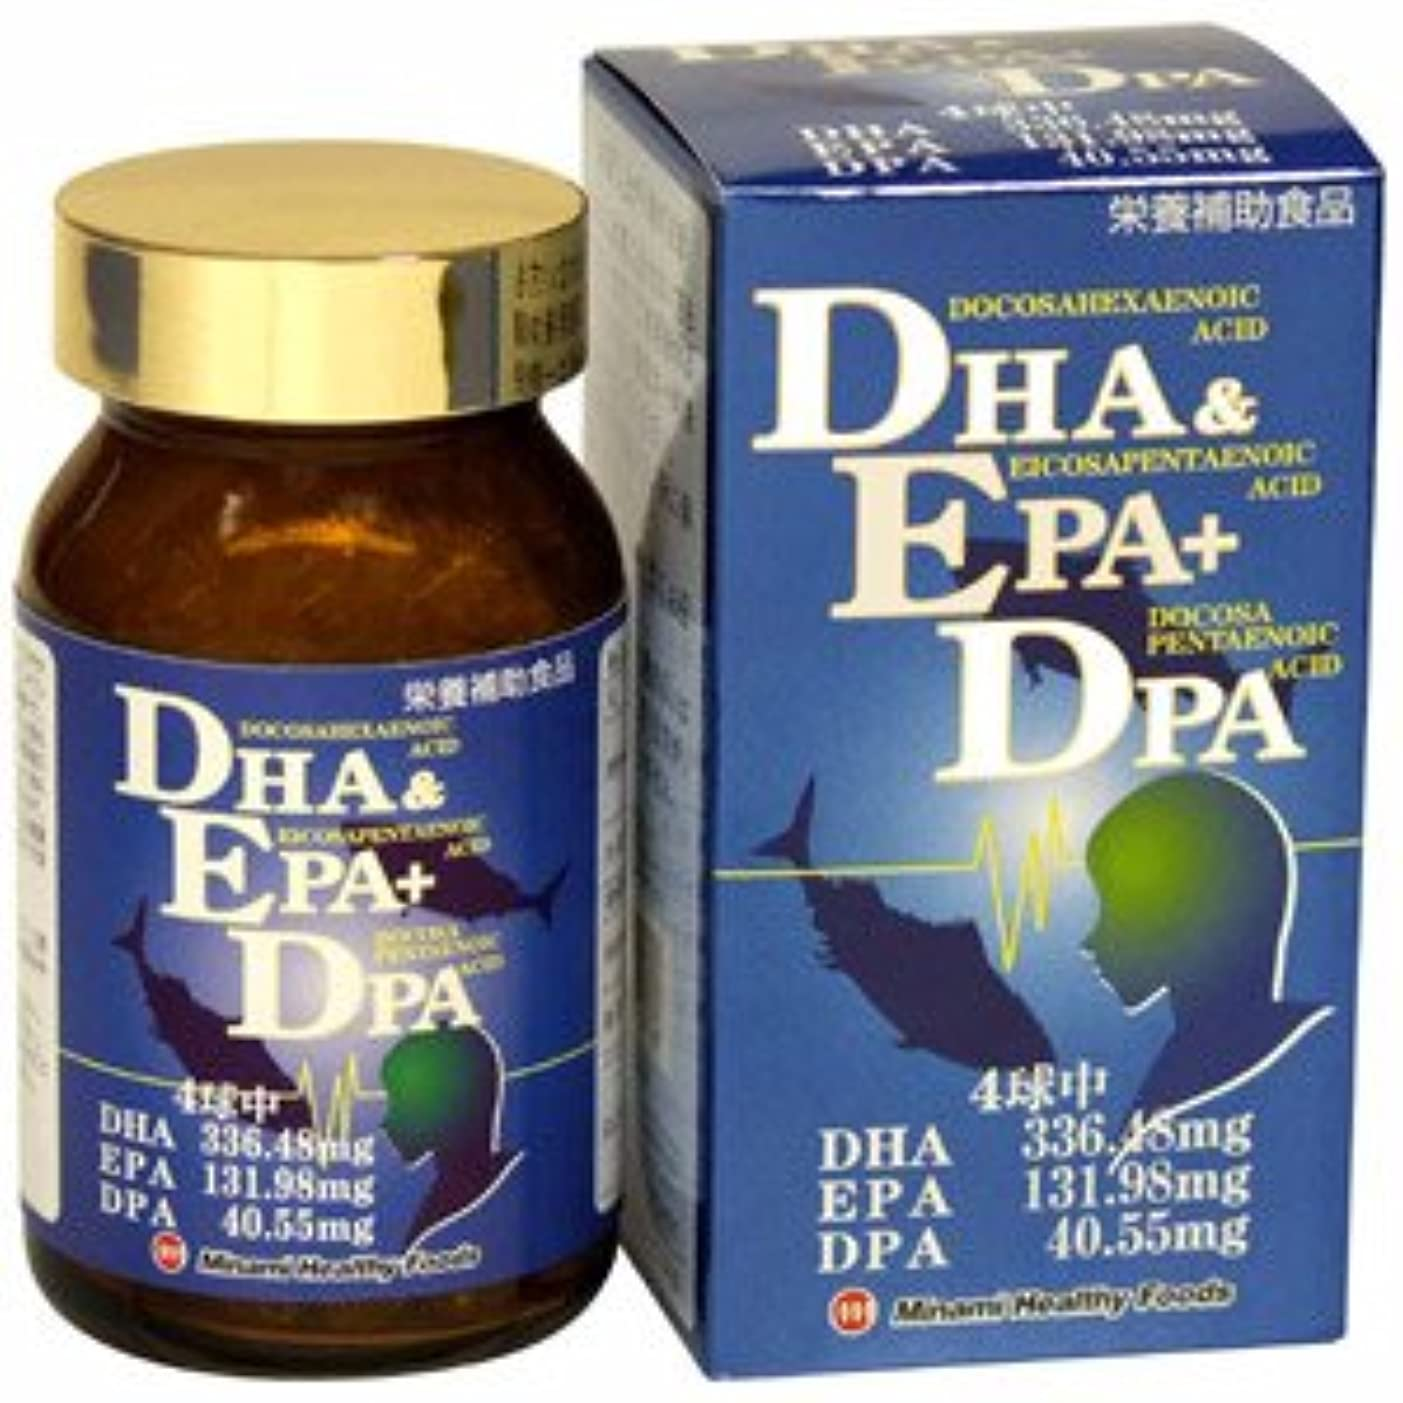 三角形内訳それDHA&EPA+DPA(単品)ミナミヘルシーフーズ